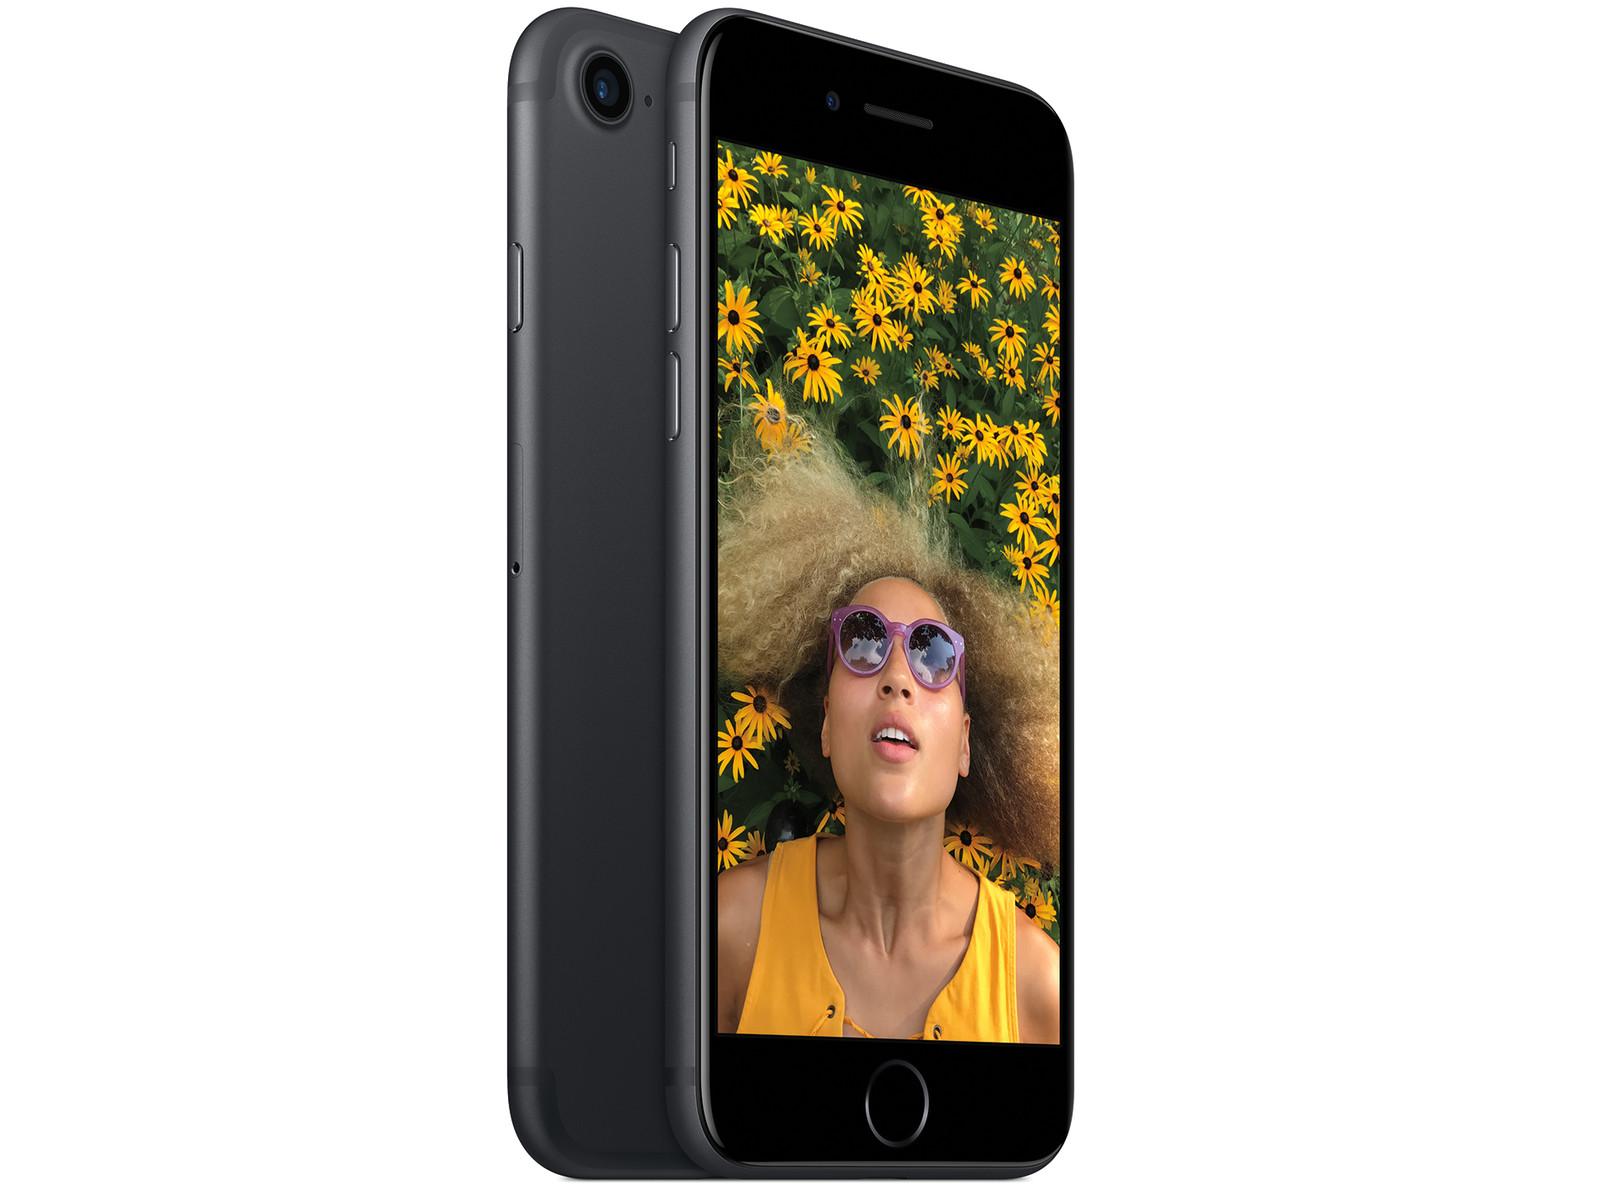 Apple iPhone 7 pas cher : contacter votre opérateur téléphonique